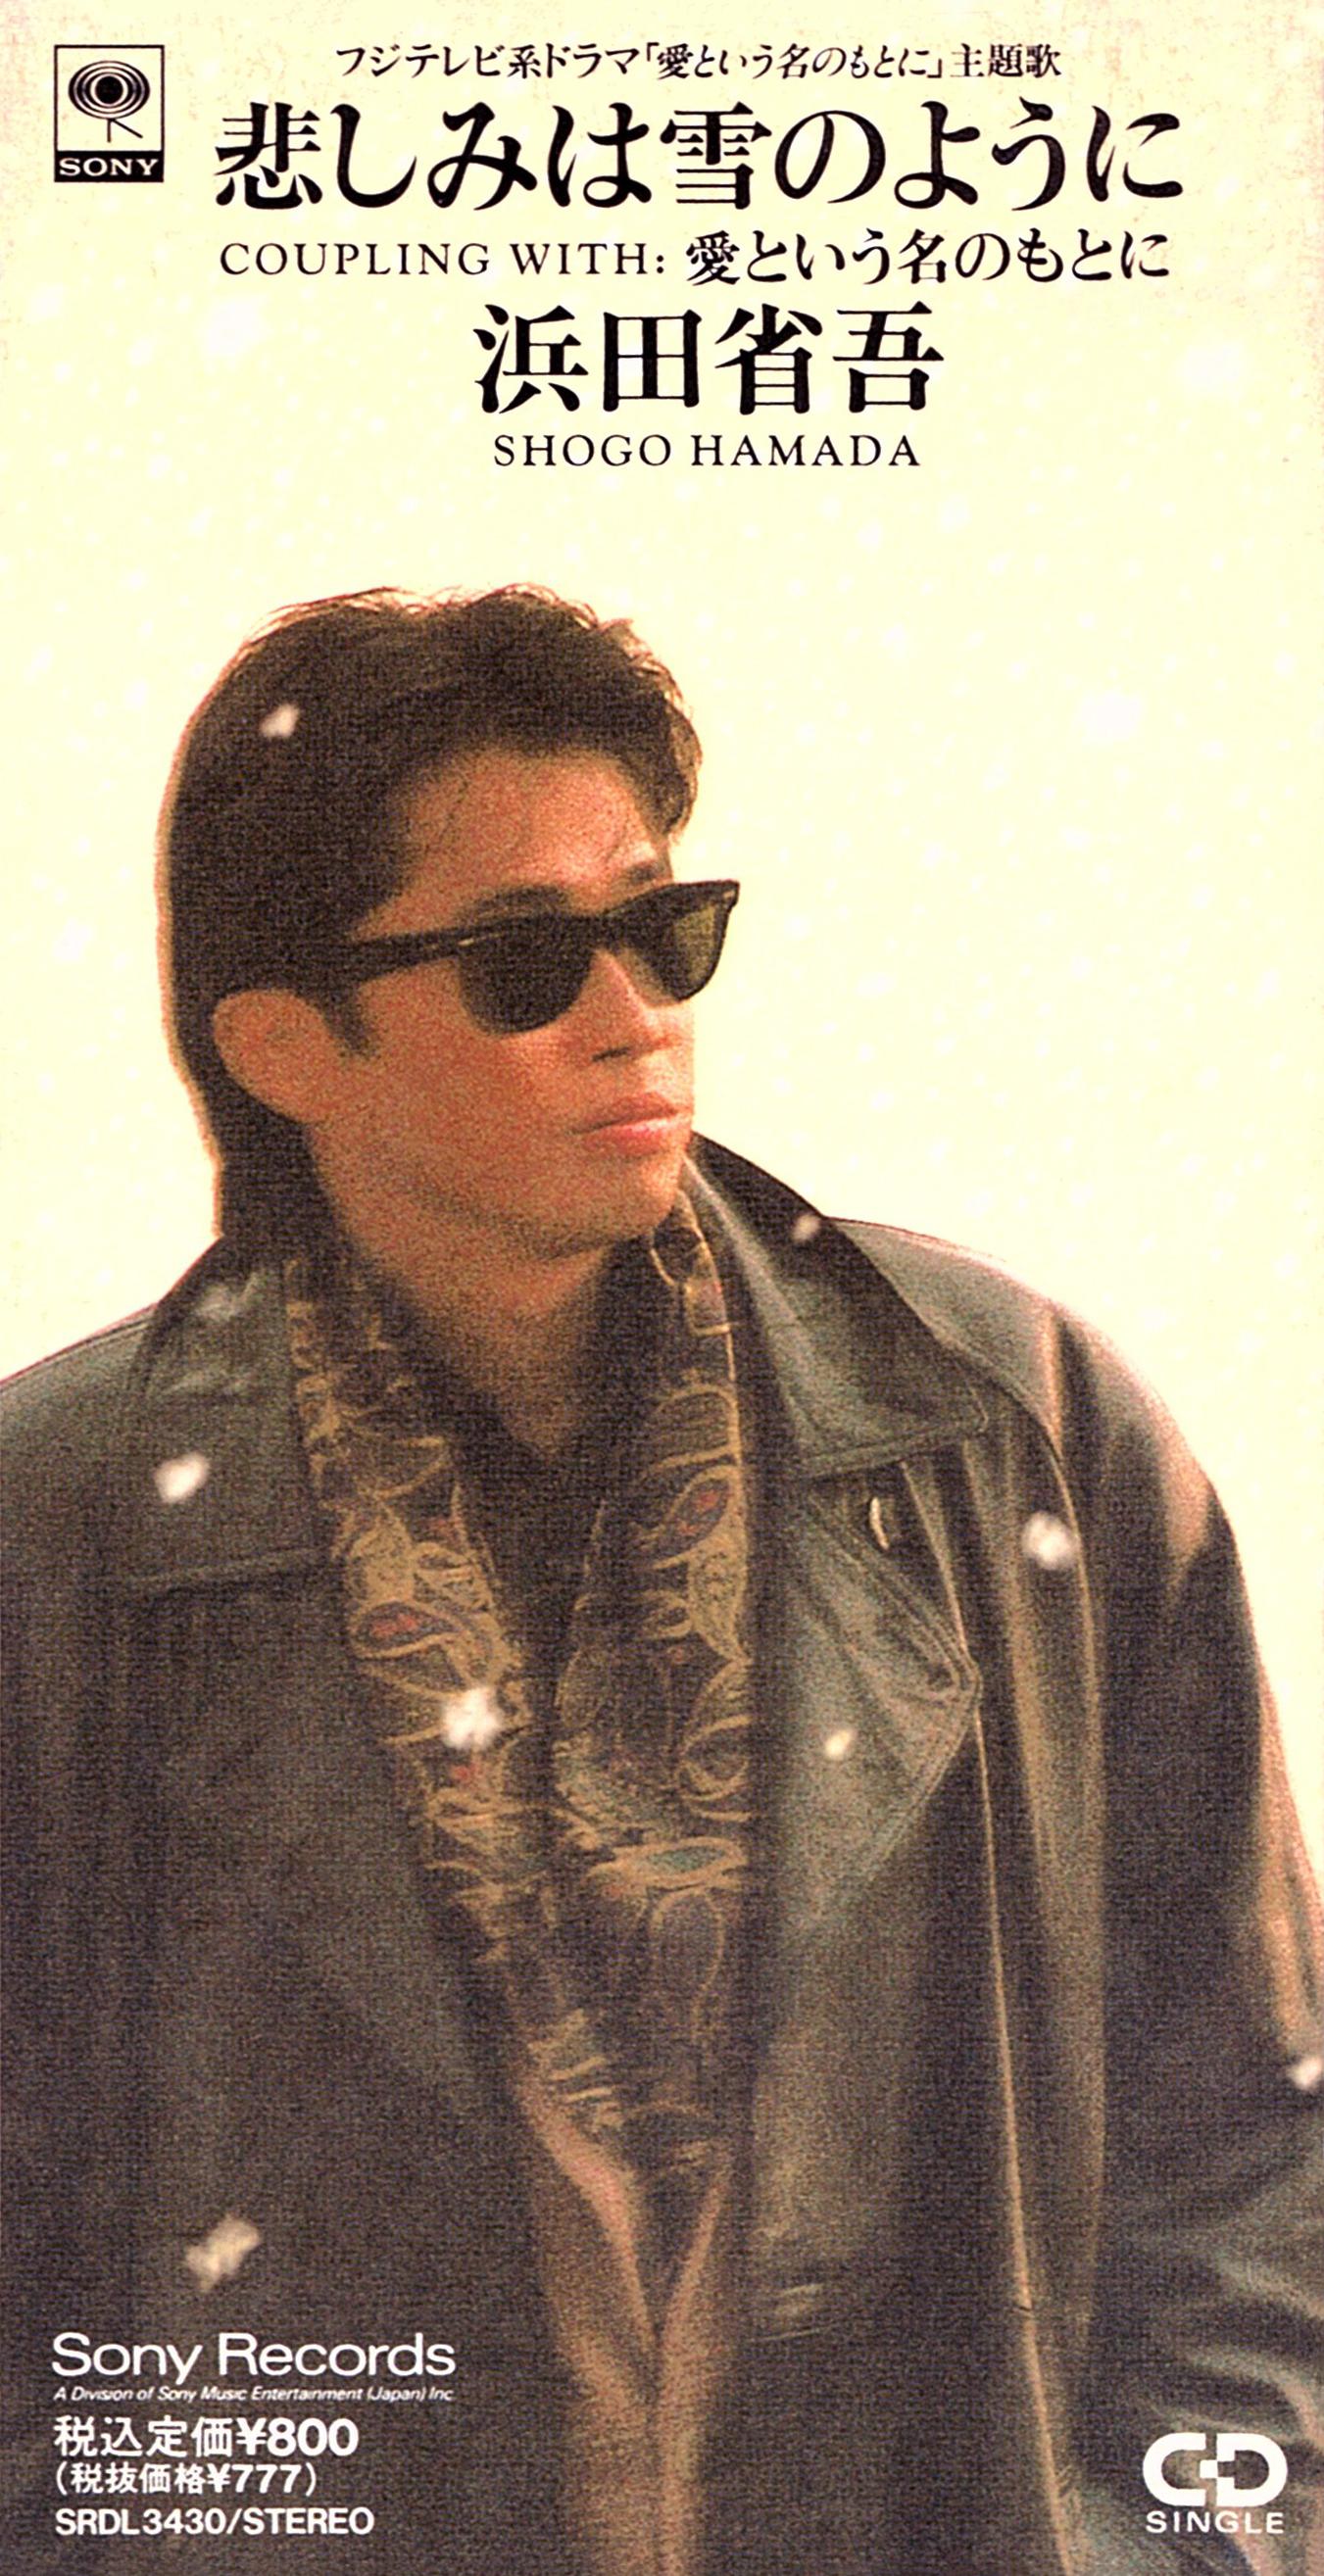 浜田省吾 (はまだしょうご) 23rdシングル『悲しみは雪のように』(1992年2月1日発売) 高画質CDジャケット画像 ジャケ写